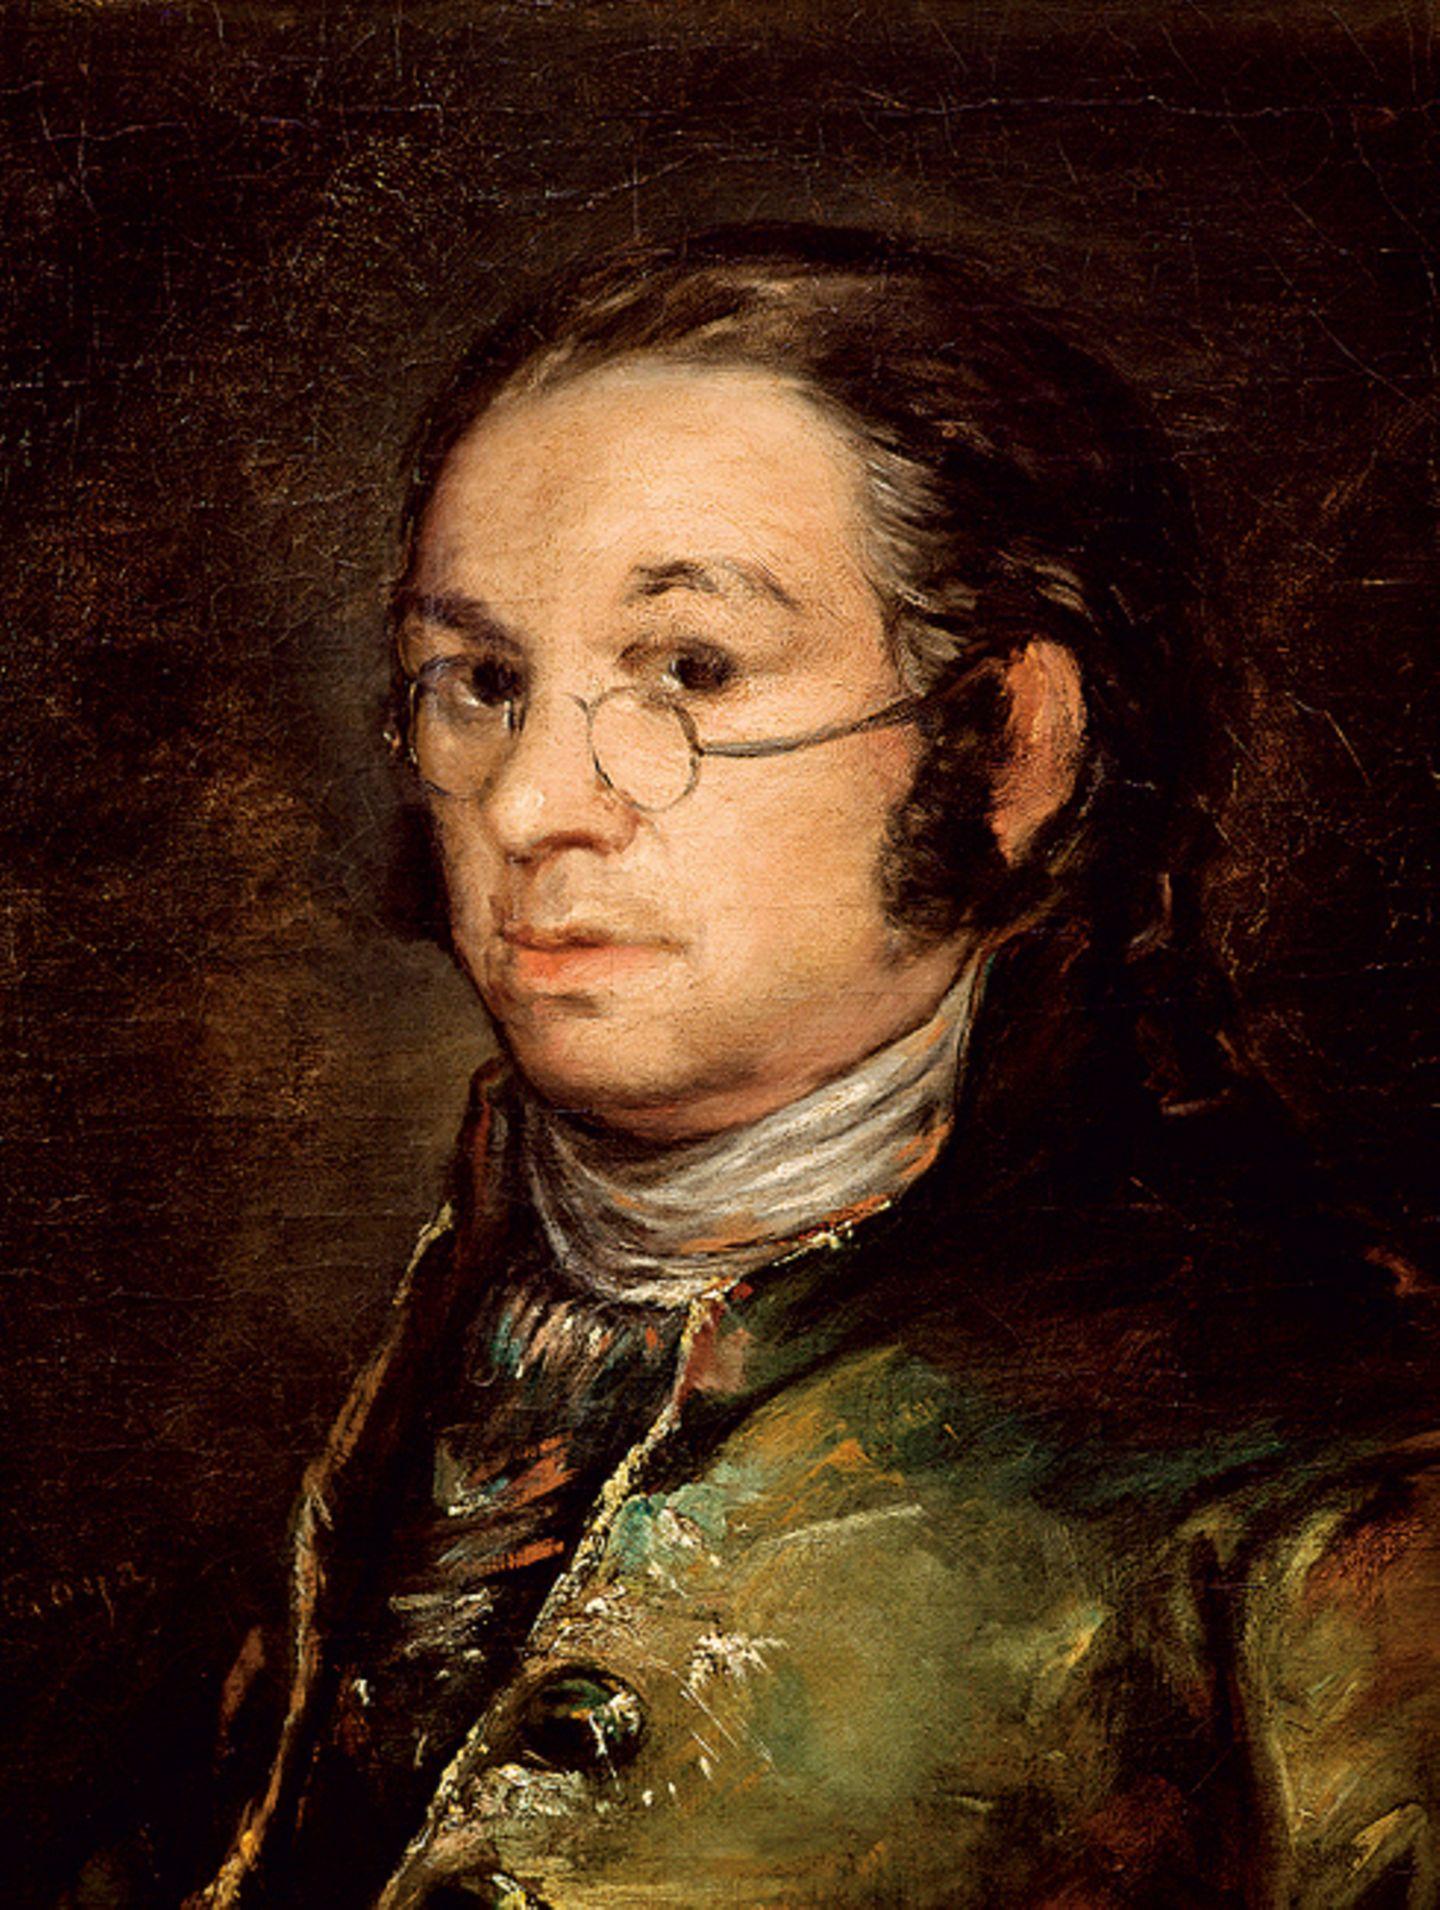 Ein Werk und seine Geschichte: Francisco de Goya: Der Spanier (1746–1828) zweifelt an der Allmacht der Aufklärung, prangert aber auch die Willkür von Kirche und Adel an